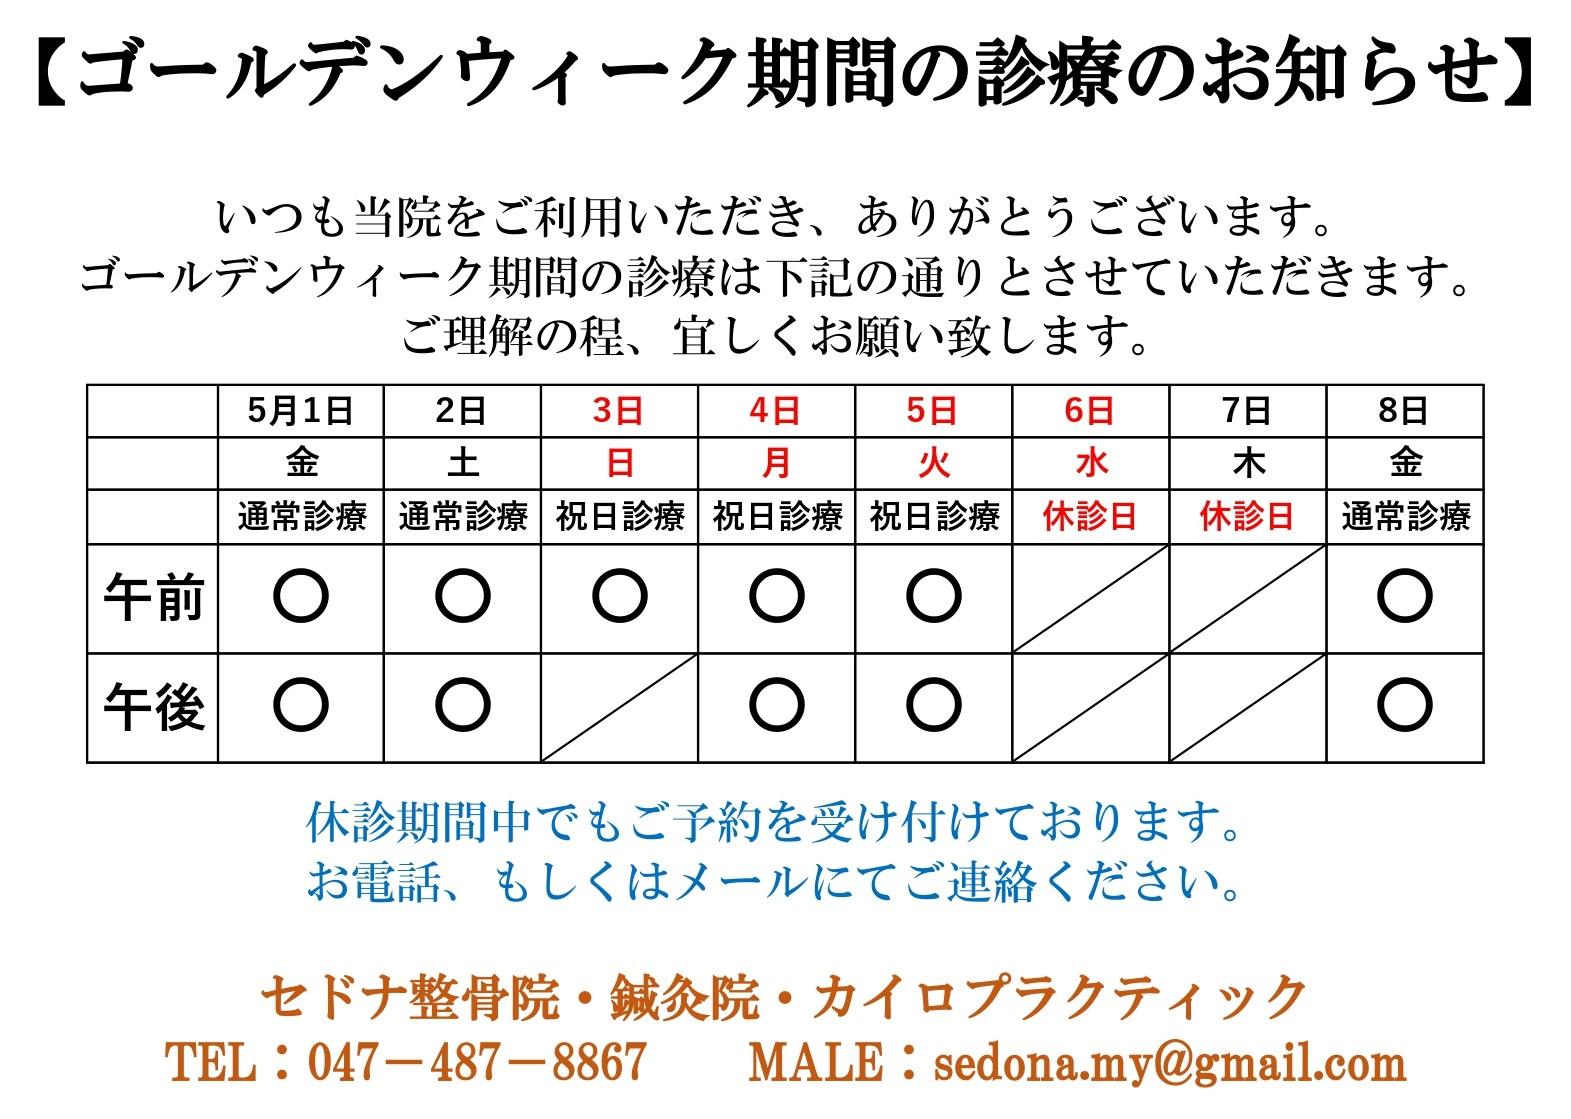 GW診療お知らせ 村上院_page-0001.jpg